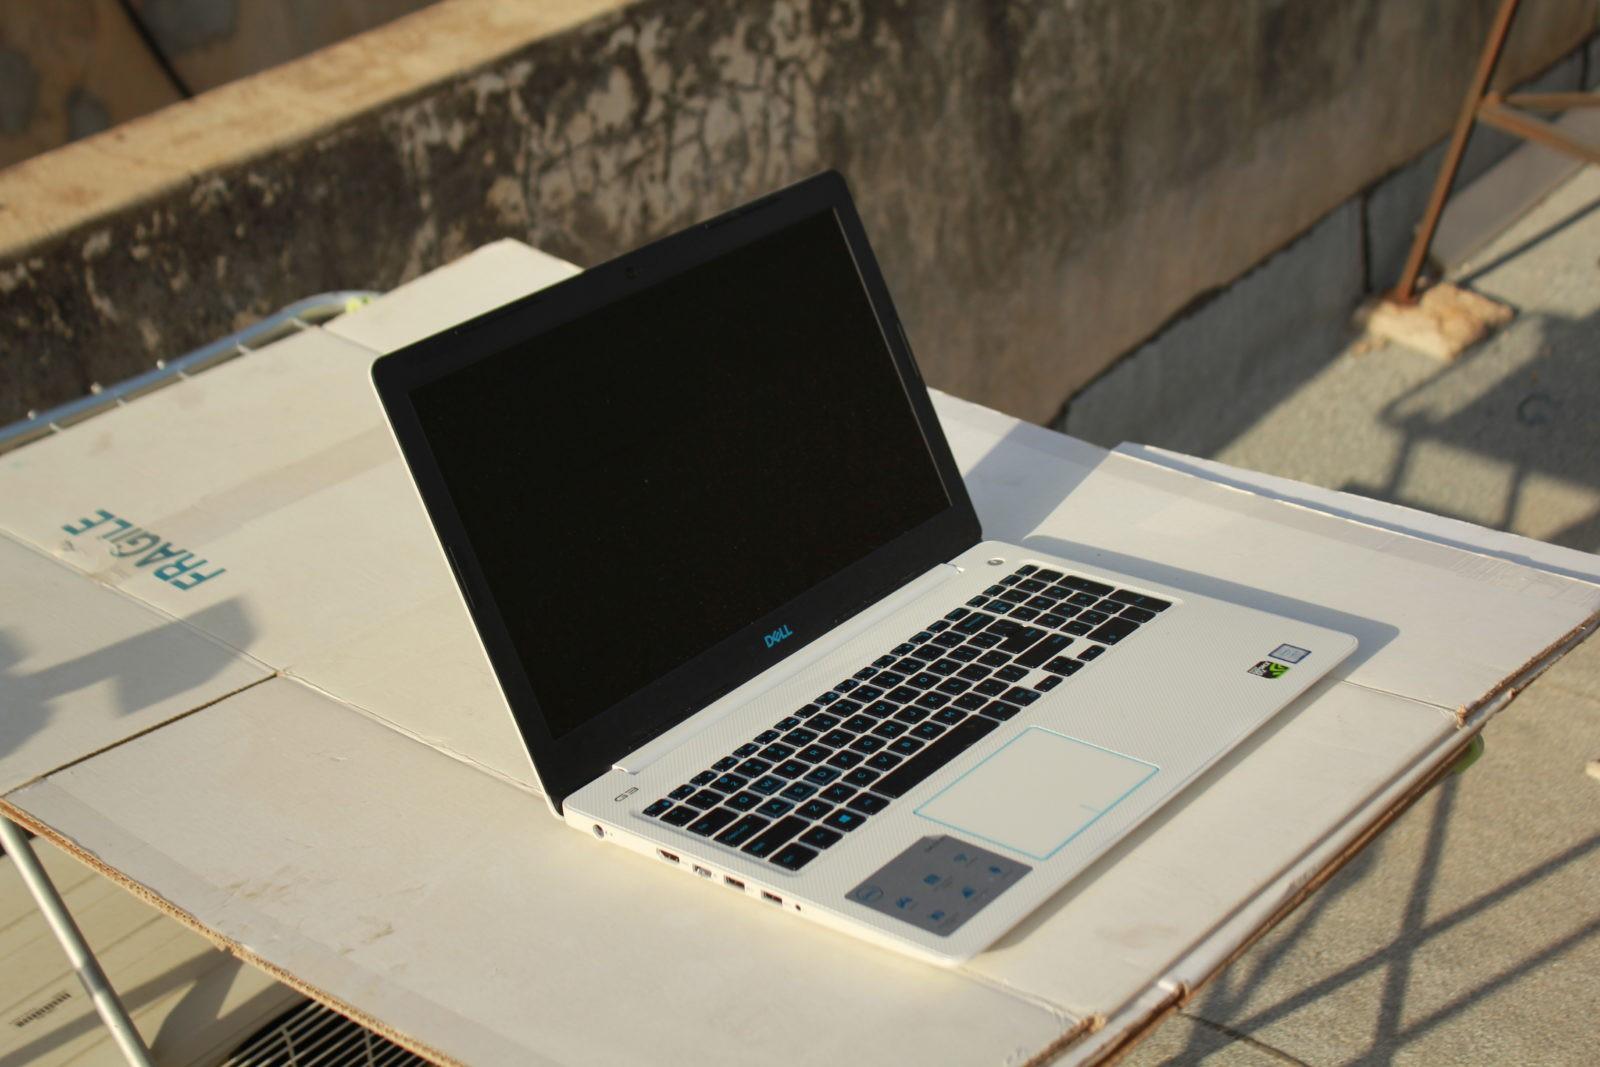 Dell mang Optane SSD vào laptop: Lựa chọn trong tầm tay cho game thủ - Ảnh 1.